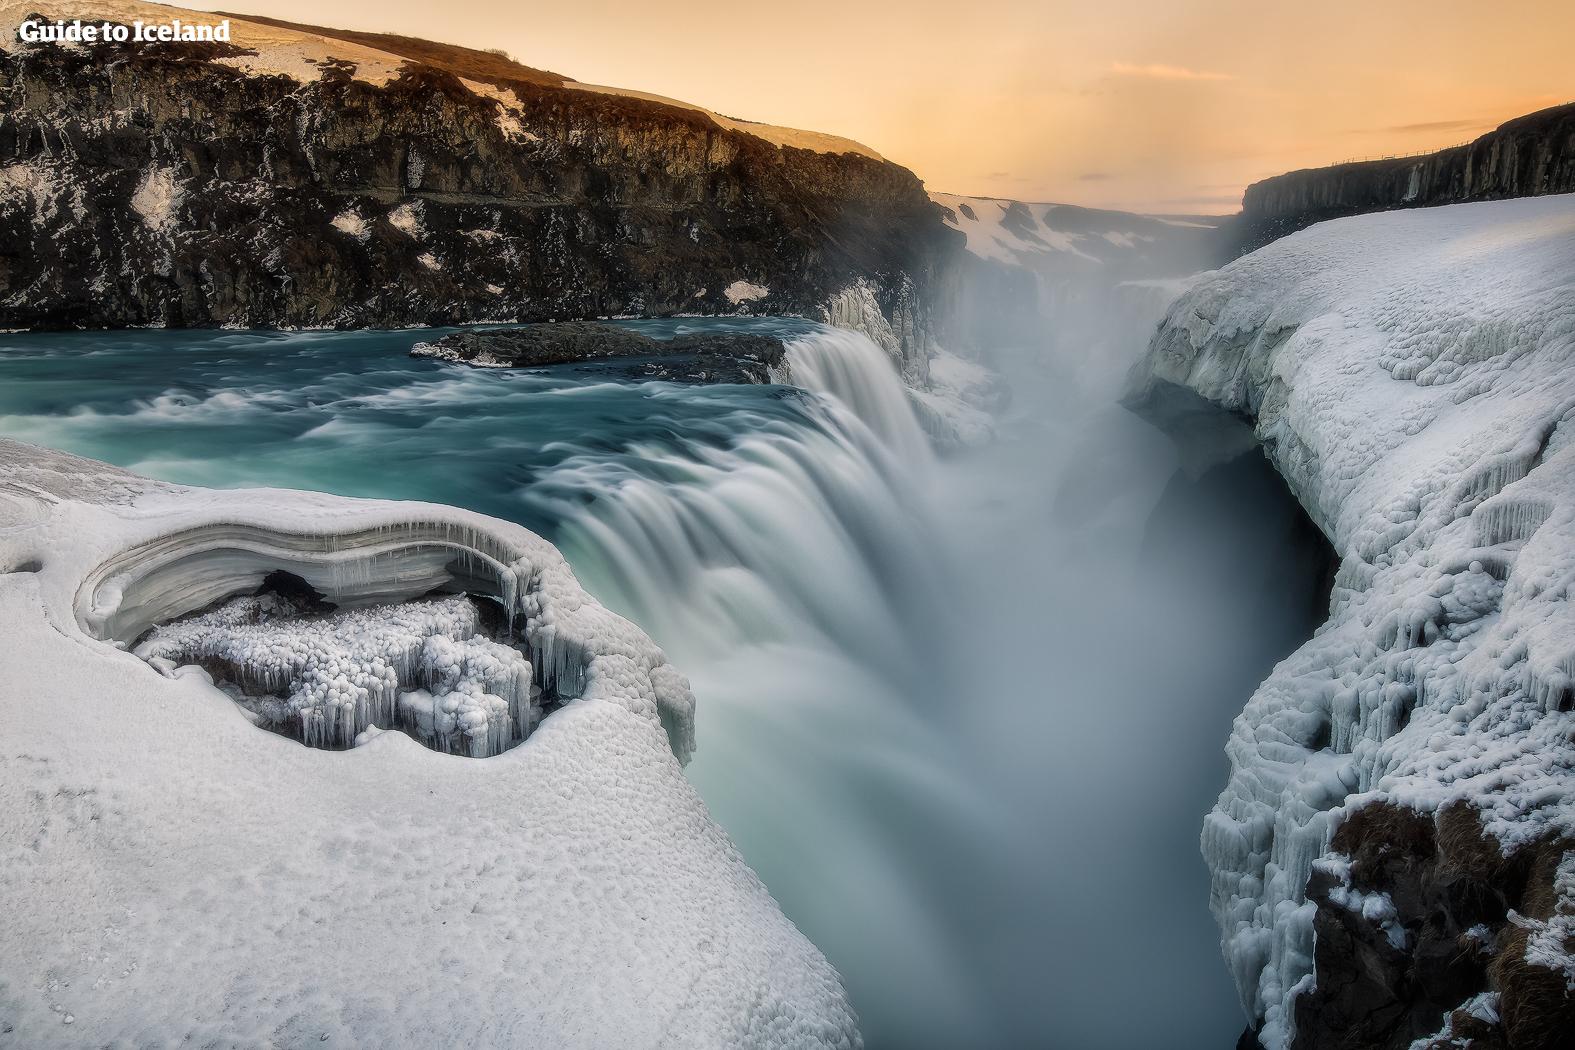 Fossefallet Gullfoss buldrer inn i en eldgammel kløft som om vinteren er dekket av tykke lag med snø og is.